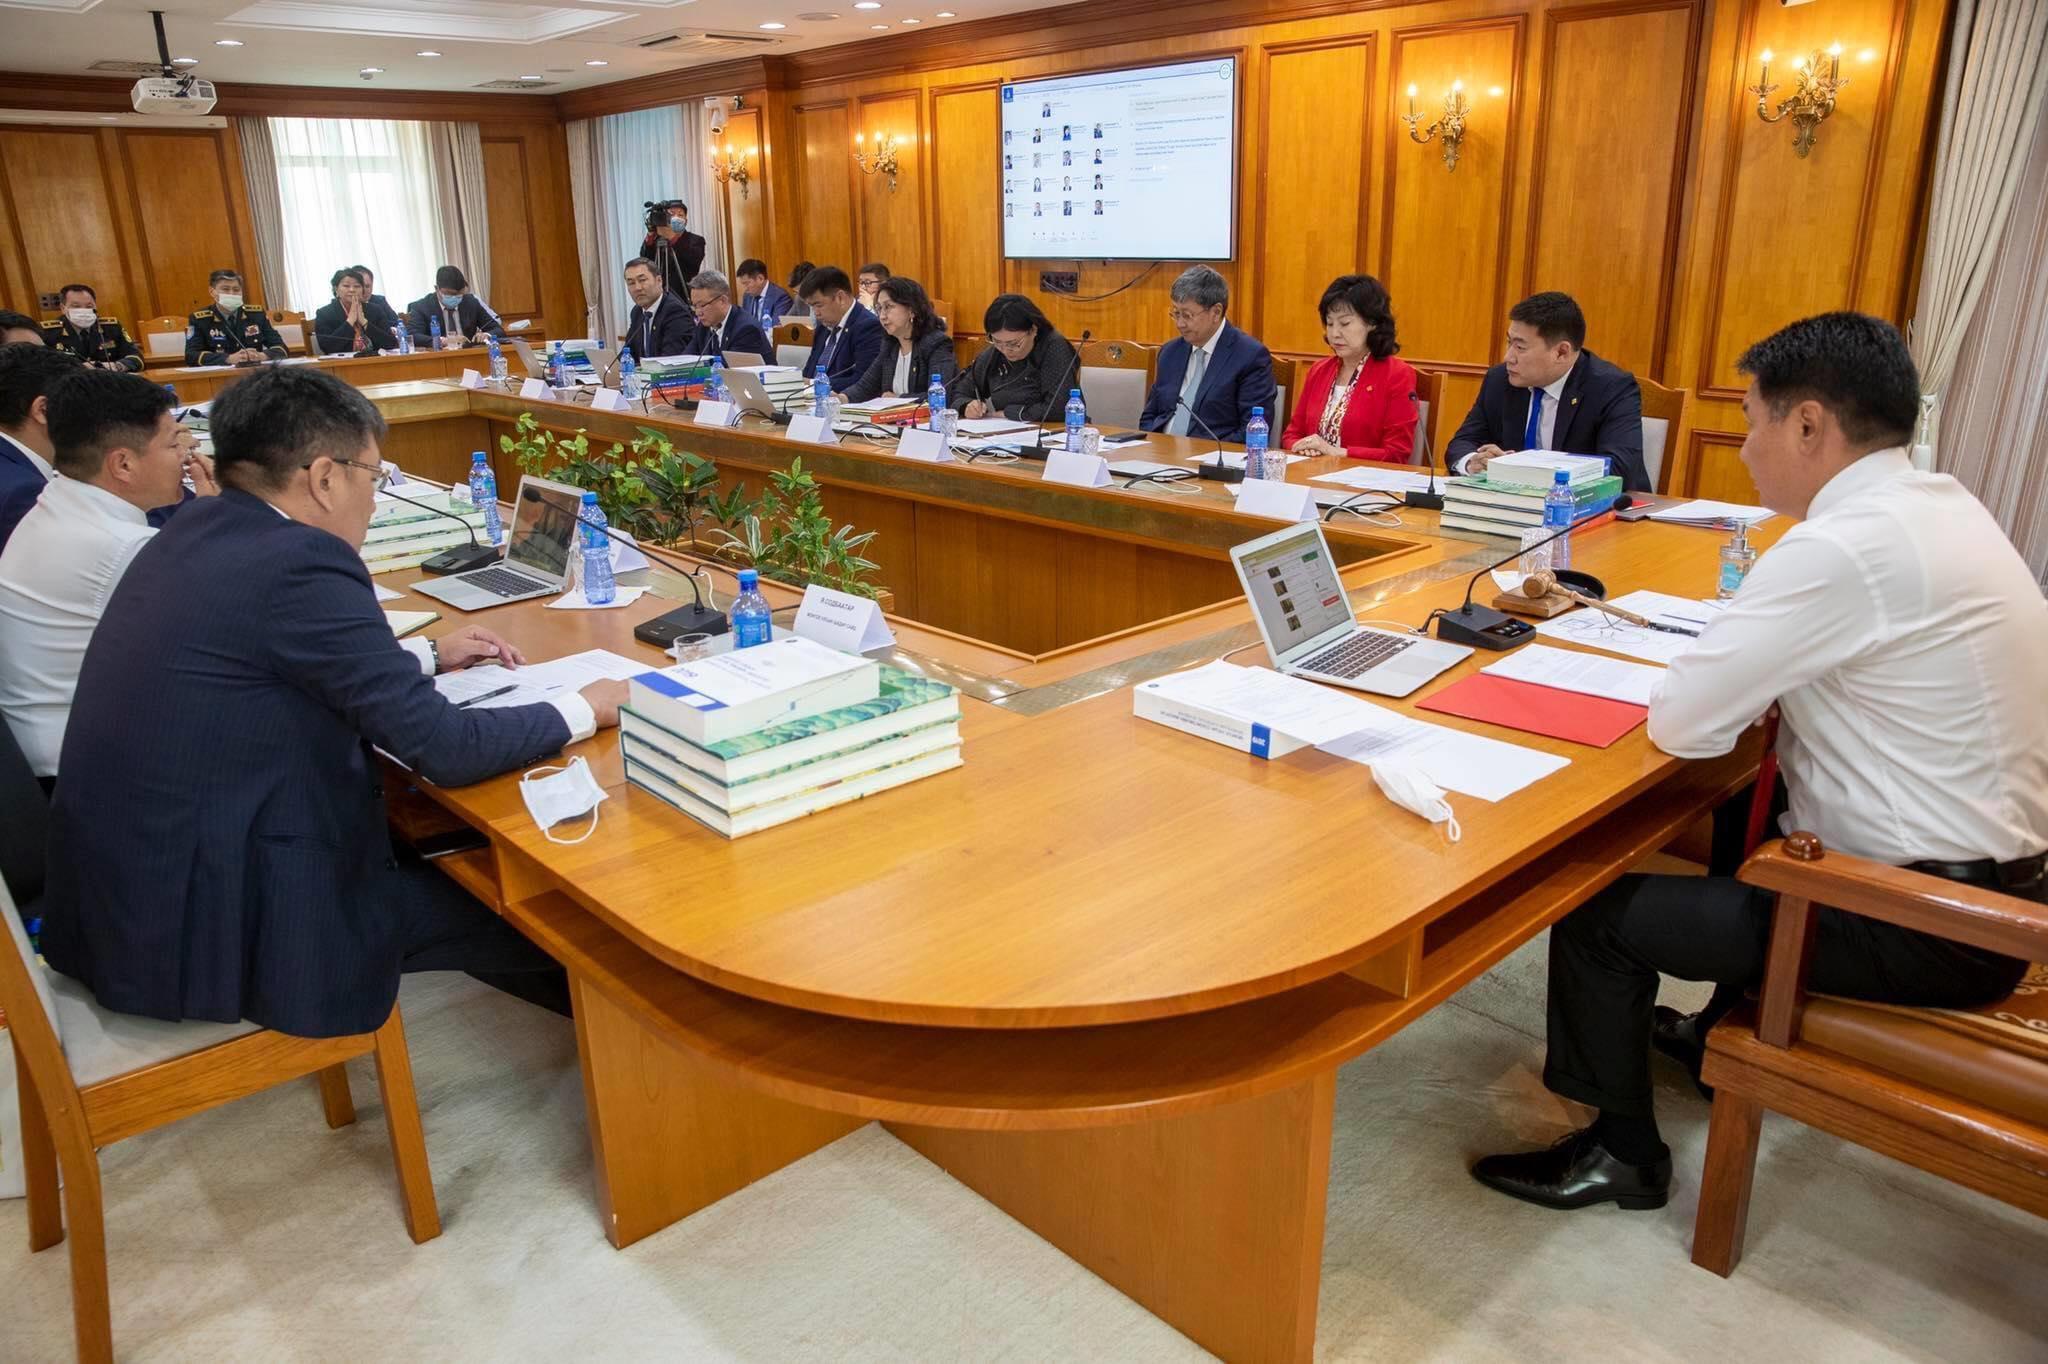 Засгийн газрын ирэх дөрвөн жилийн үйл ажиллагааны хөтөлбөрийг хэлэлцэв